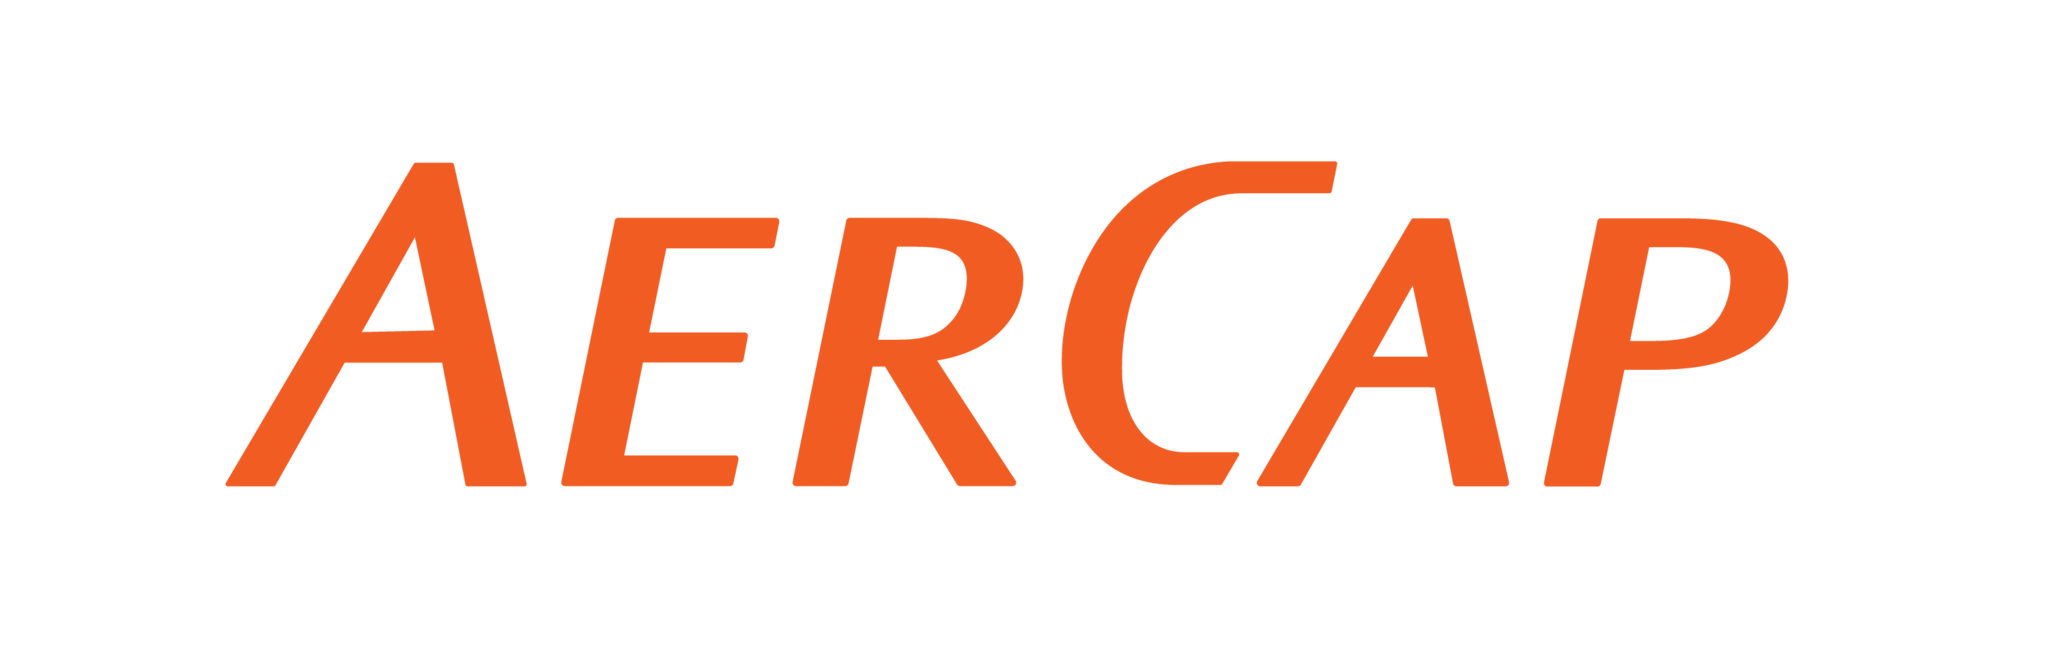 AerCap